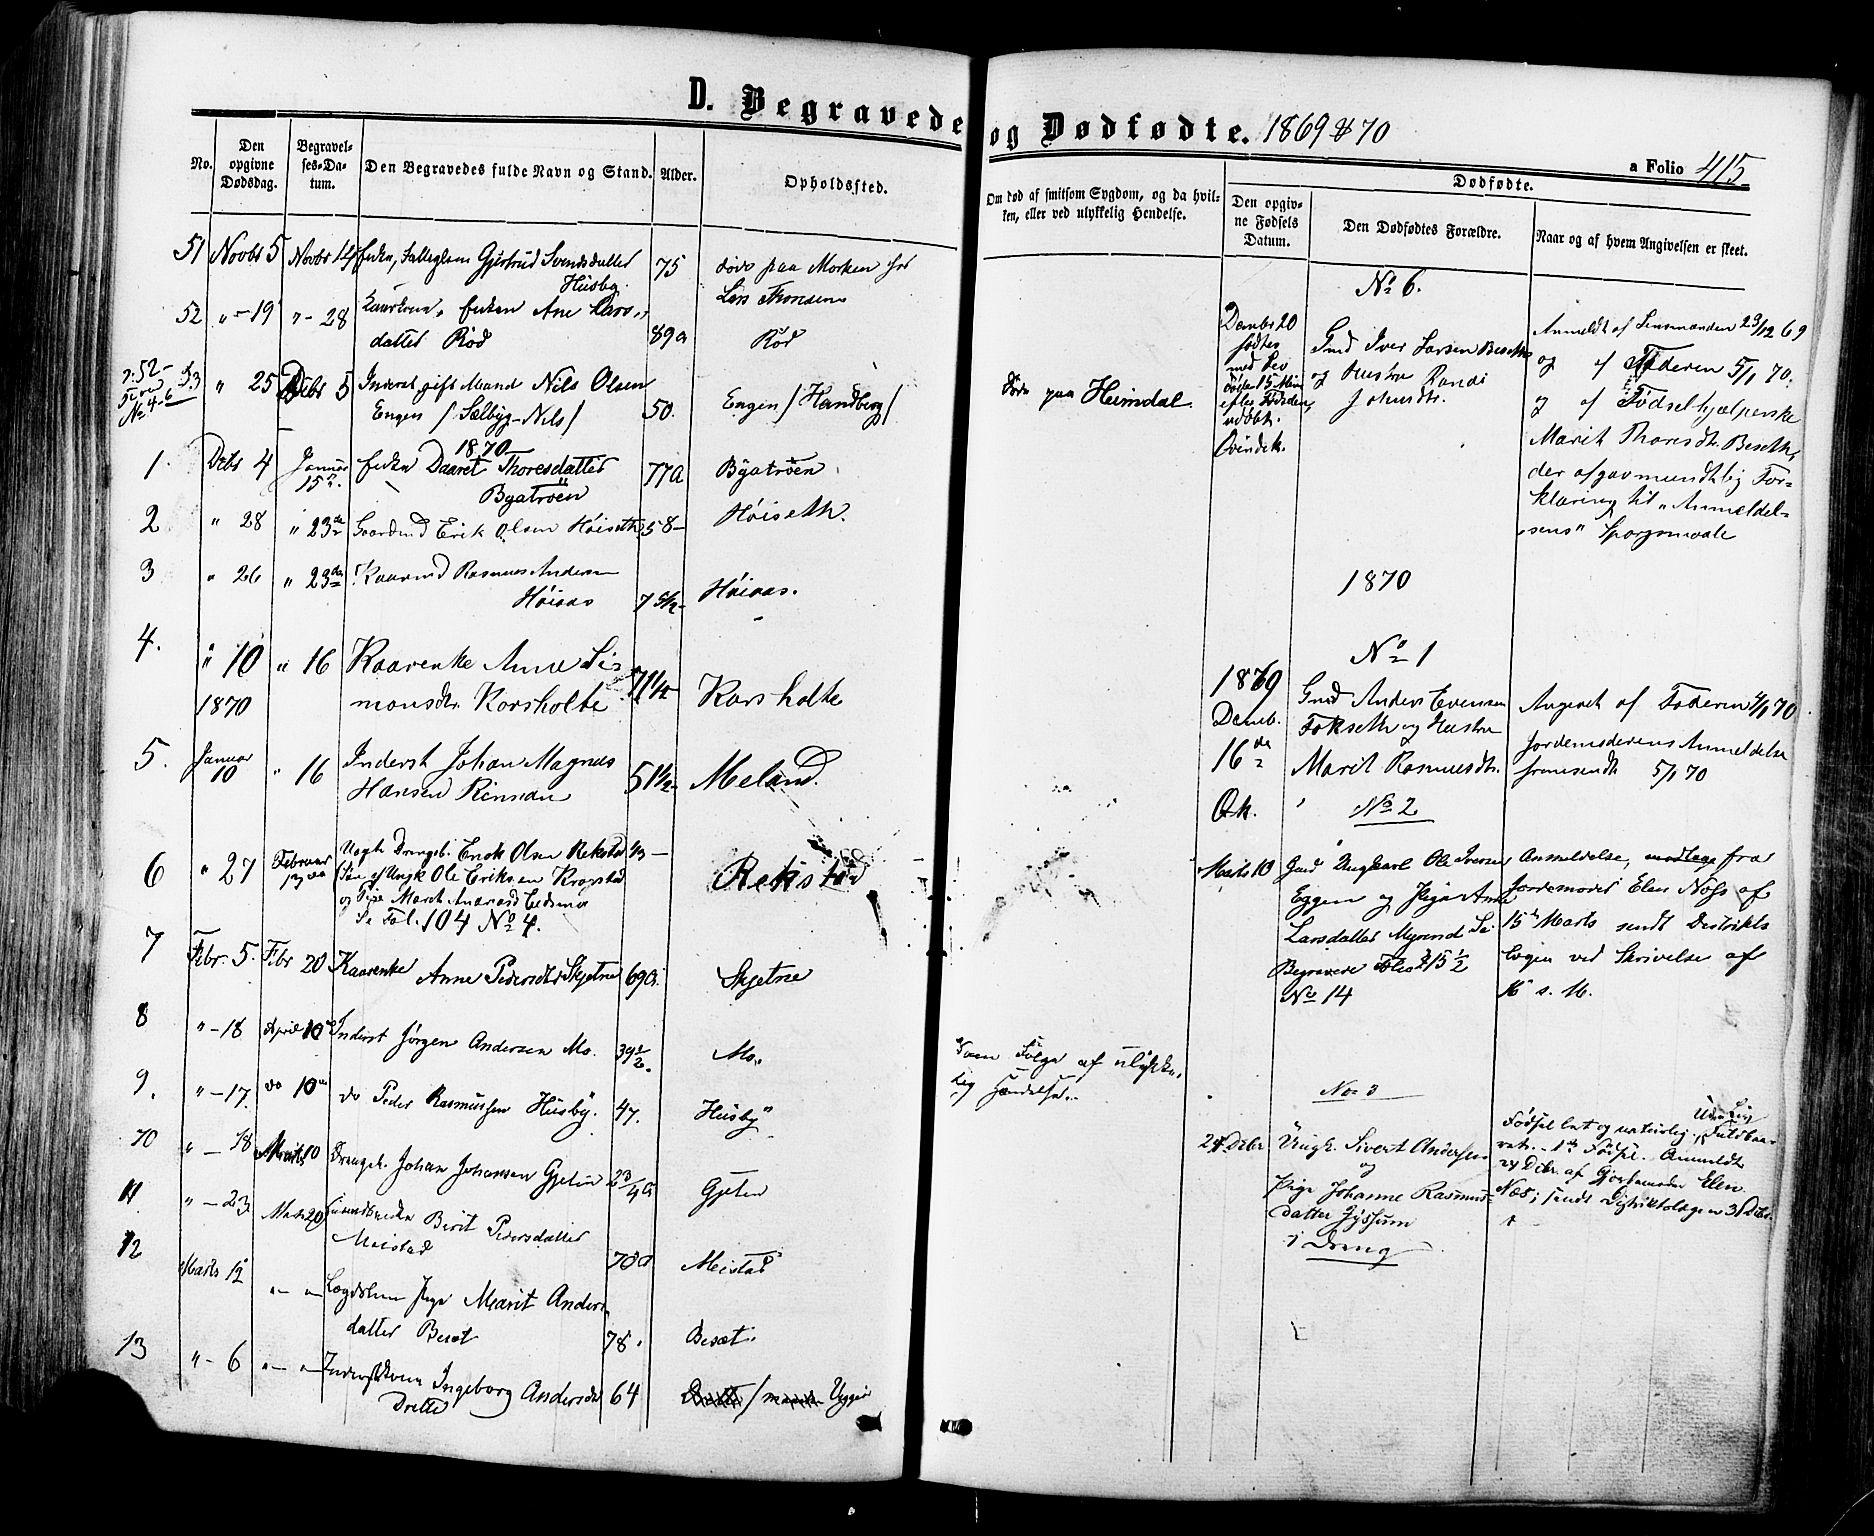 SAT, Ministerialprotokoller, klokkerbøker og fødselsregistre - Sør-Trøndelag, 665/L0772: Ministerialbok nr. 665A07, 1856-1878, s. 415